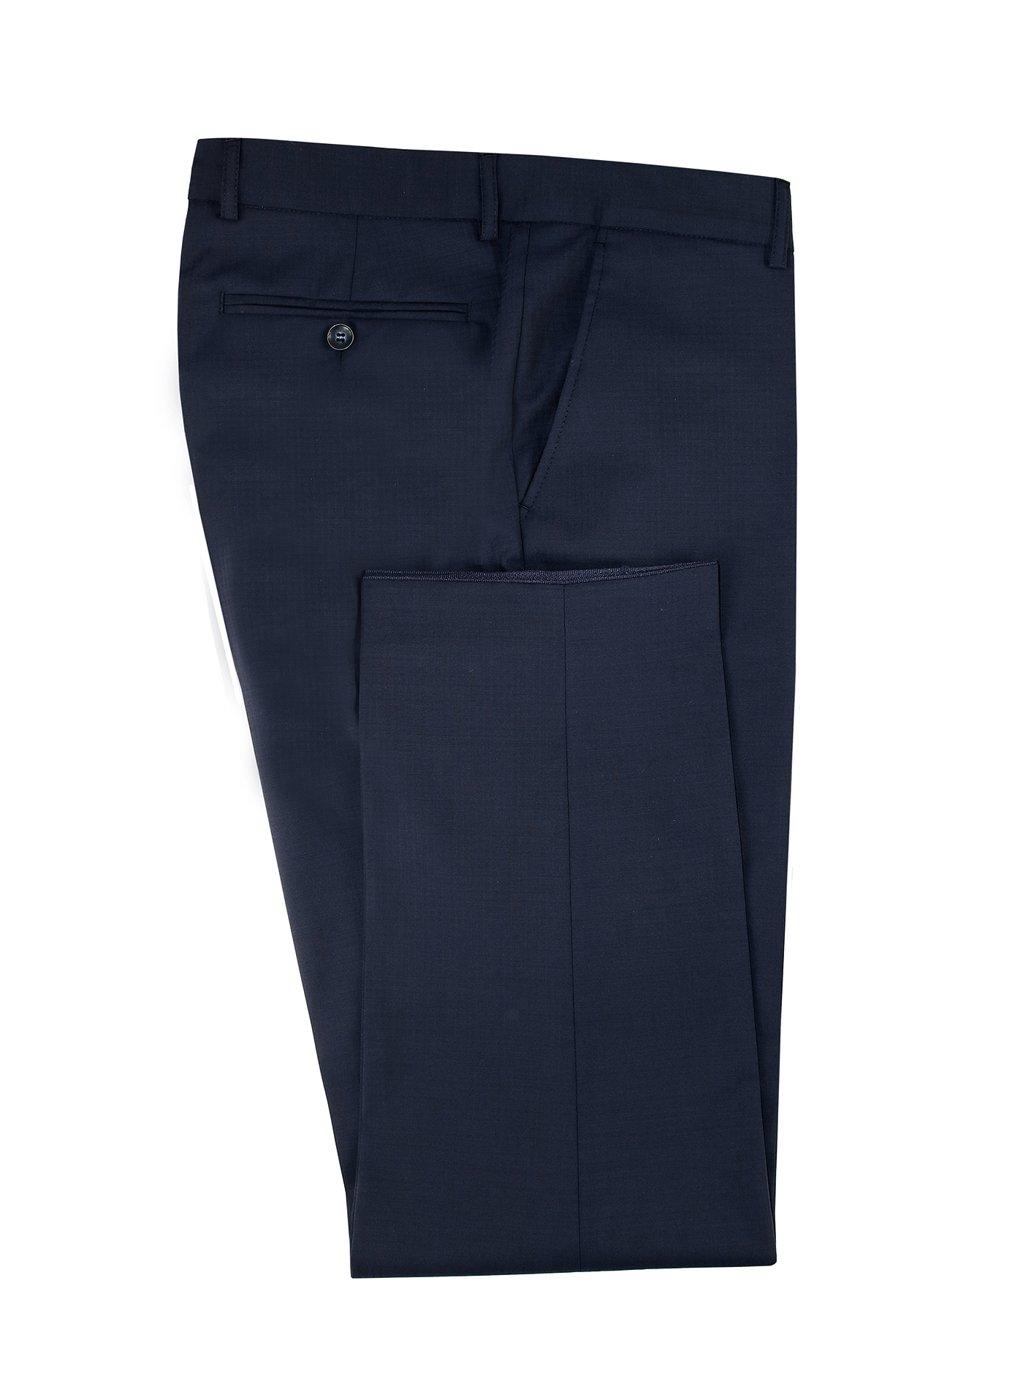 Spodnie męskie garniturowe PLM-6G-050-G